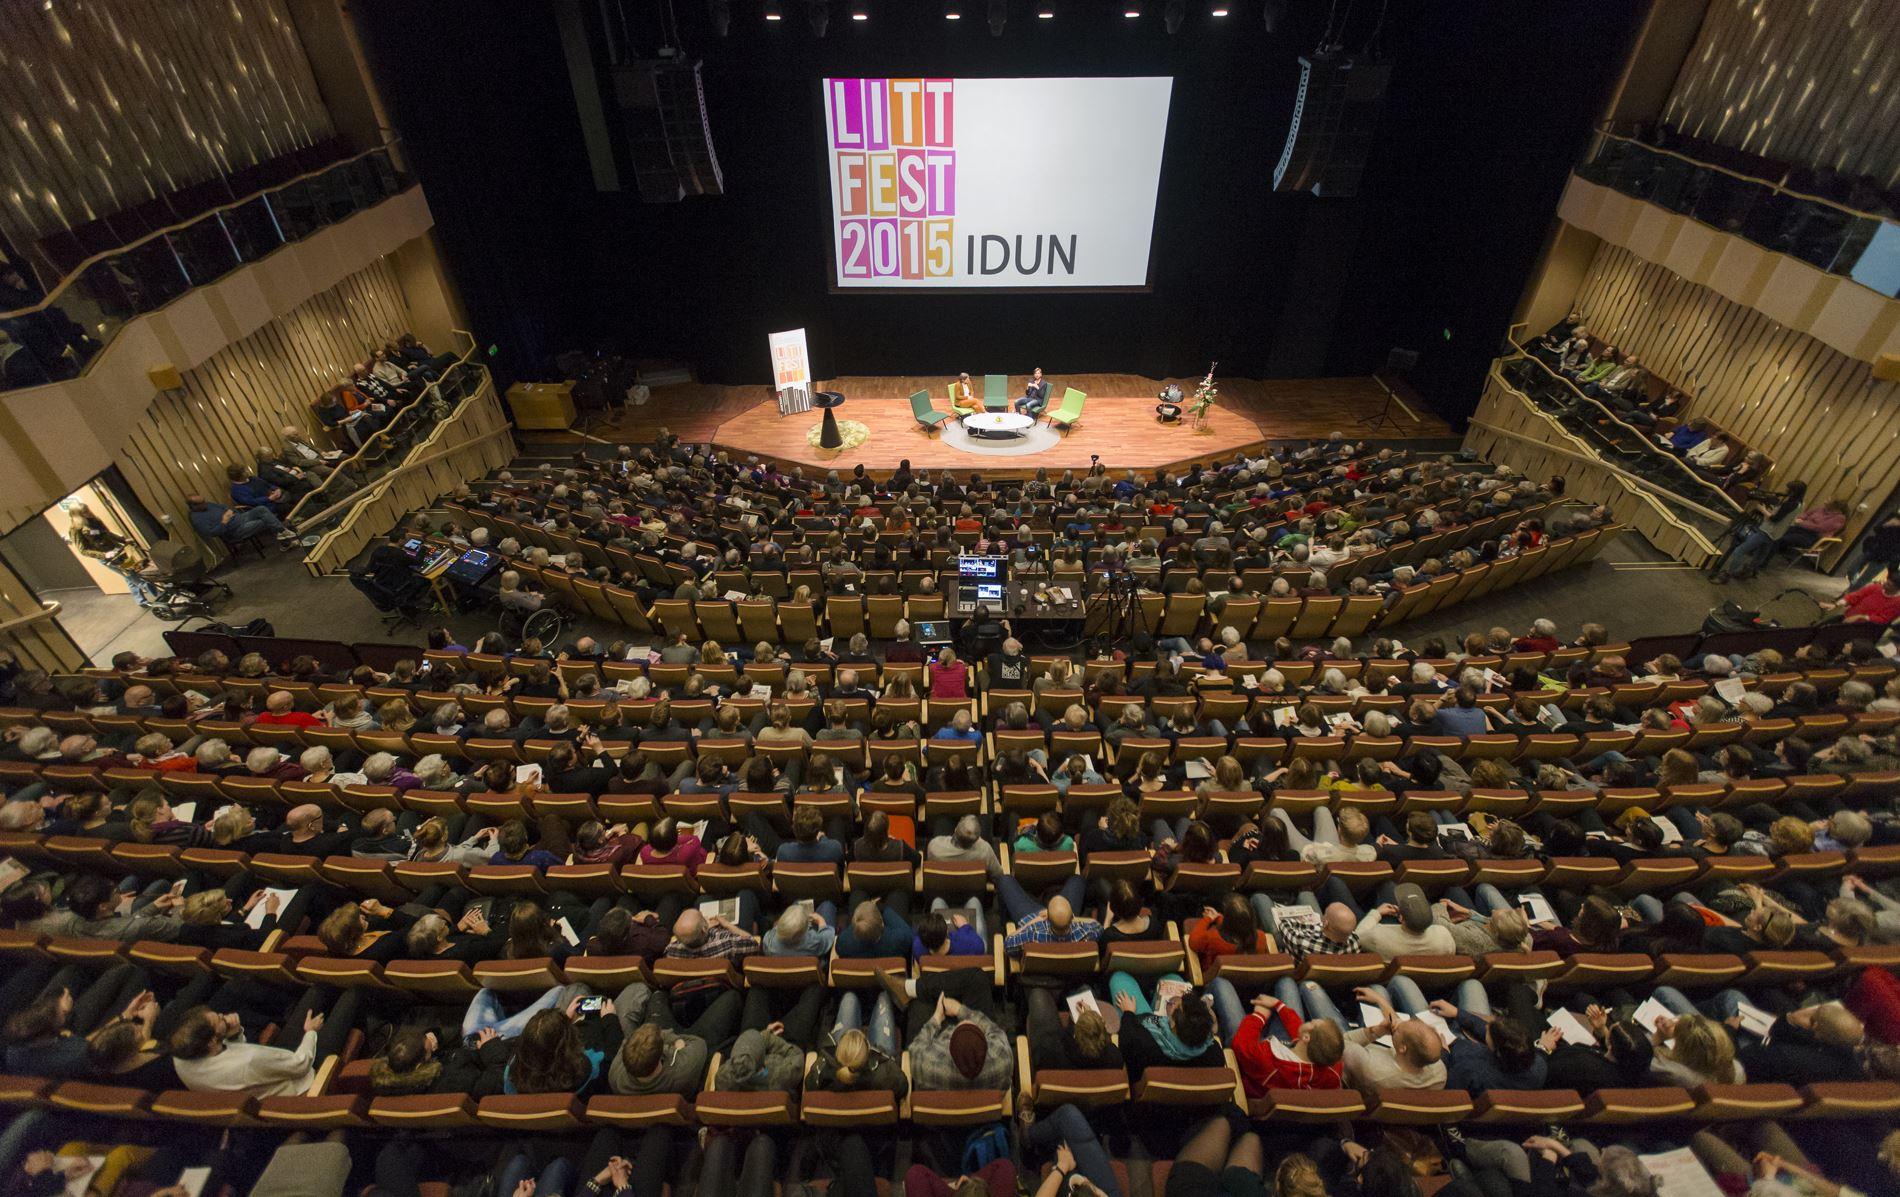 Littfest - litteraturfestival